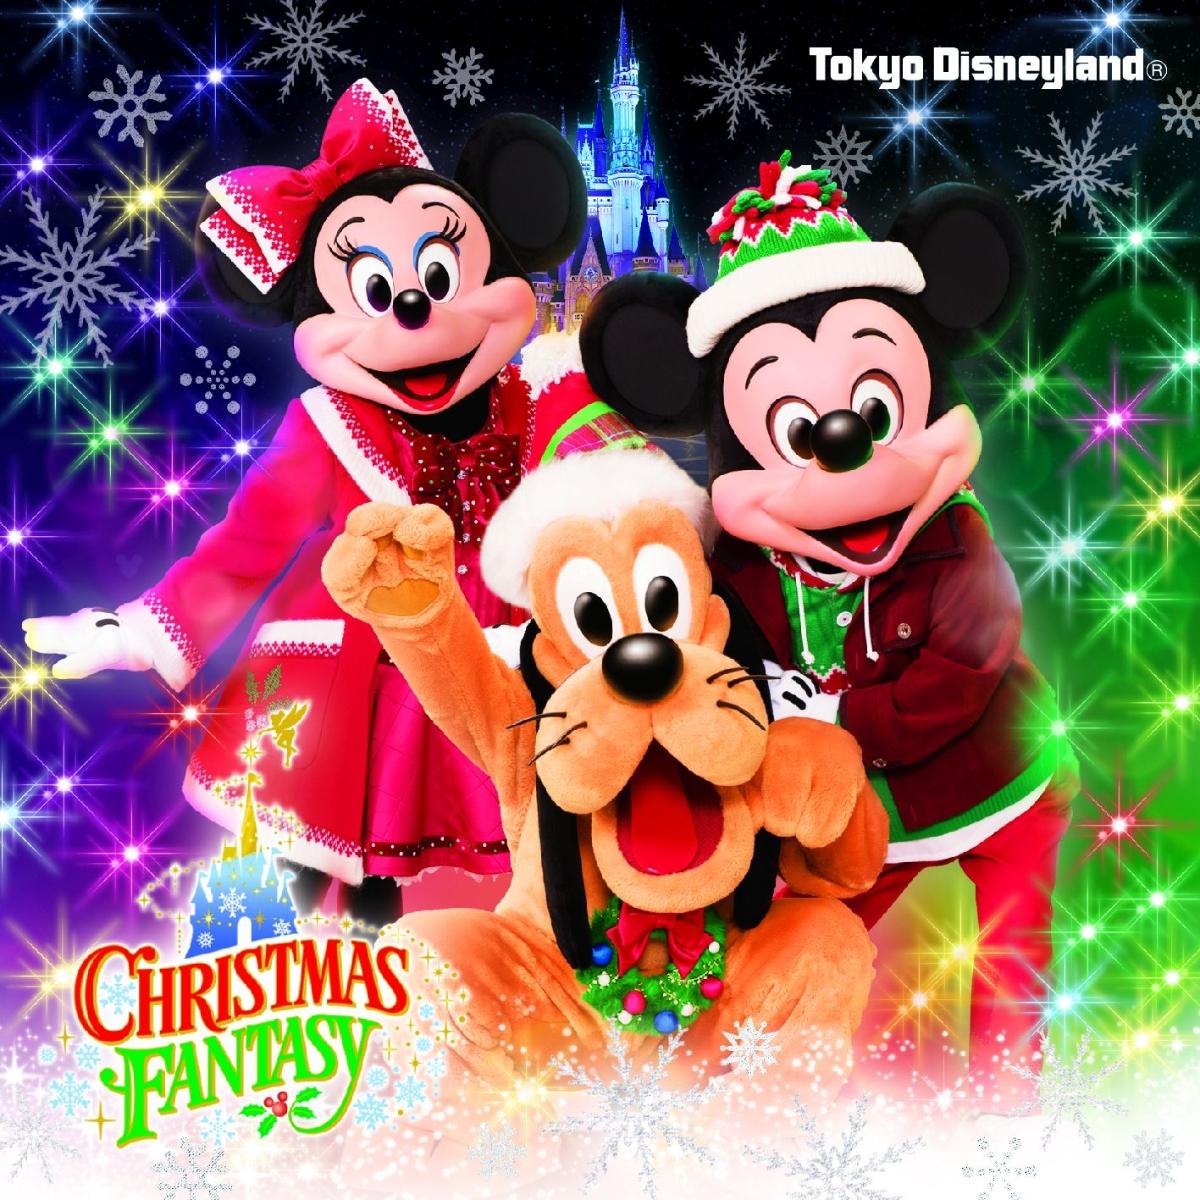 楽天ブックス: 東京ディズニーランド クリスマス・ファンタジー 2017